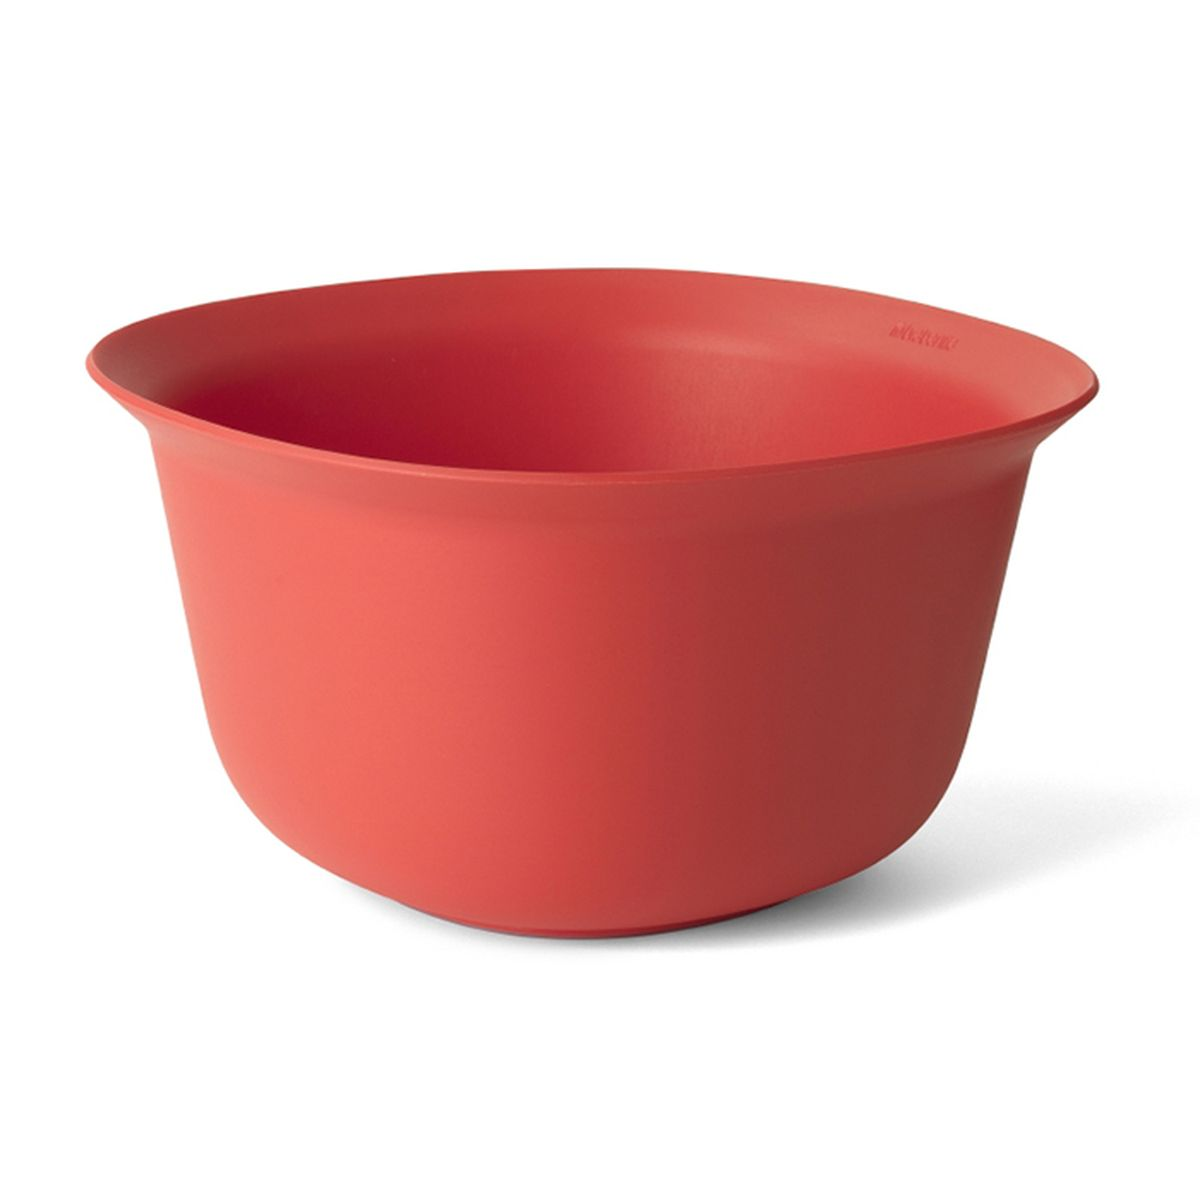 Салатник Brabantia Tasty Colours, цвет: красный, 3,2 лСТР00000470Вместительный салатник Brabantia Tasty Coloursизготовлен из высококачественных материалов. Может использоваться для смешивания ингредиентов, замешивания теста. Специальная форма краев позволяет удобно и аккуратно разливать жидкие ингредиенты. Нескользящее основание обеспечивает отличную устойчивость. Салатник Brabantia Tasty Colours станет полезным и практичным дополнением к коллекции ваших кухонных аксессуаров.